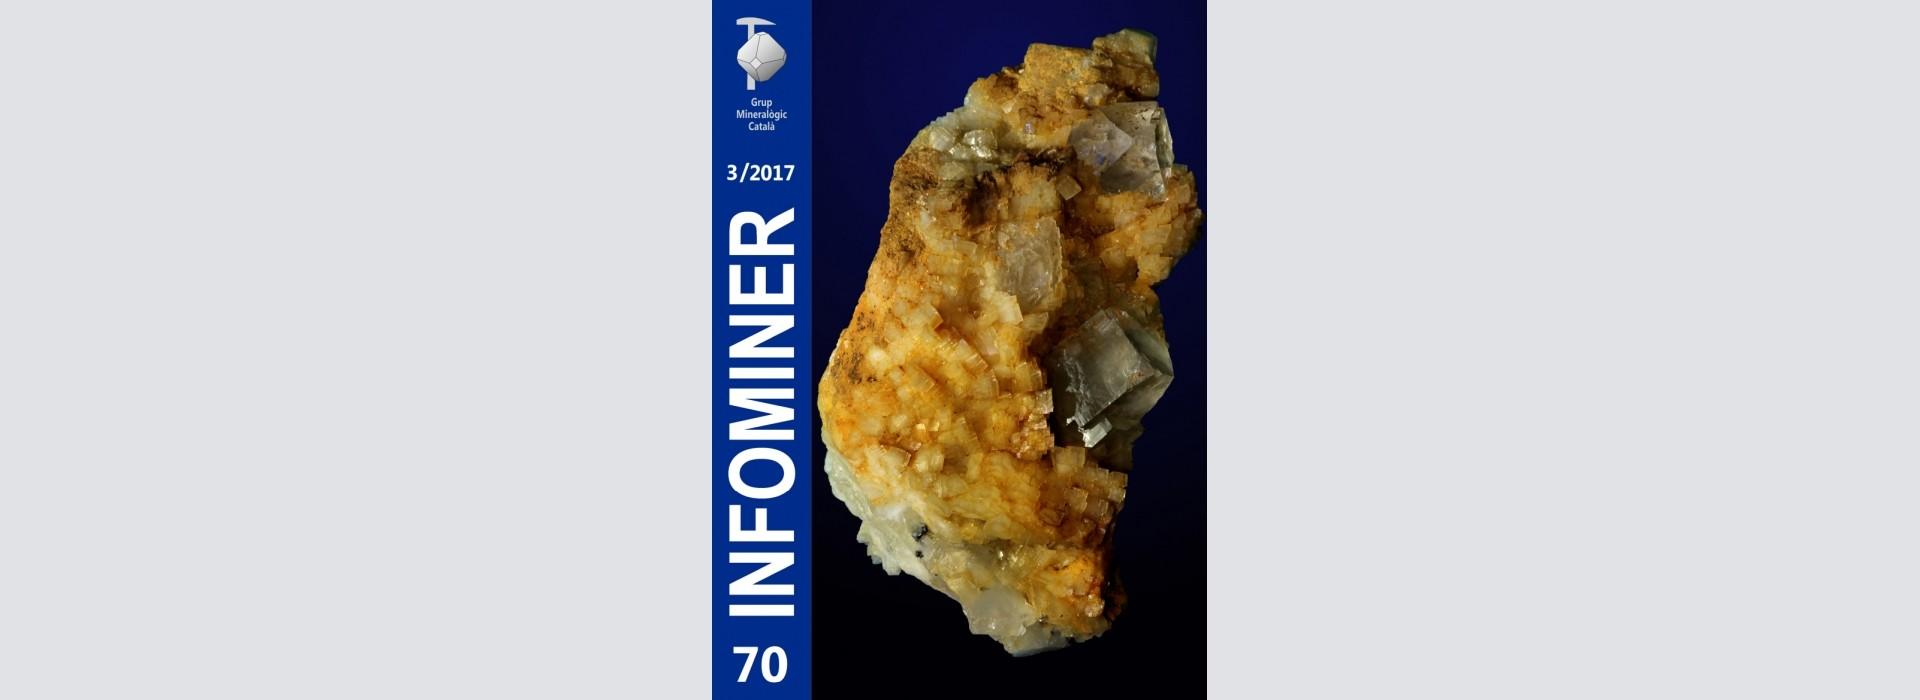 Infominer 70 (3/2017). Foto portada: Fluorita en matriu de dolomita. Mines d'Osor, la Selva, Girona. Mides: 5 x 3 x 3 cm. Foto i col. : Lluís Clapés.